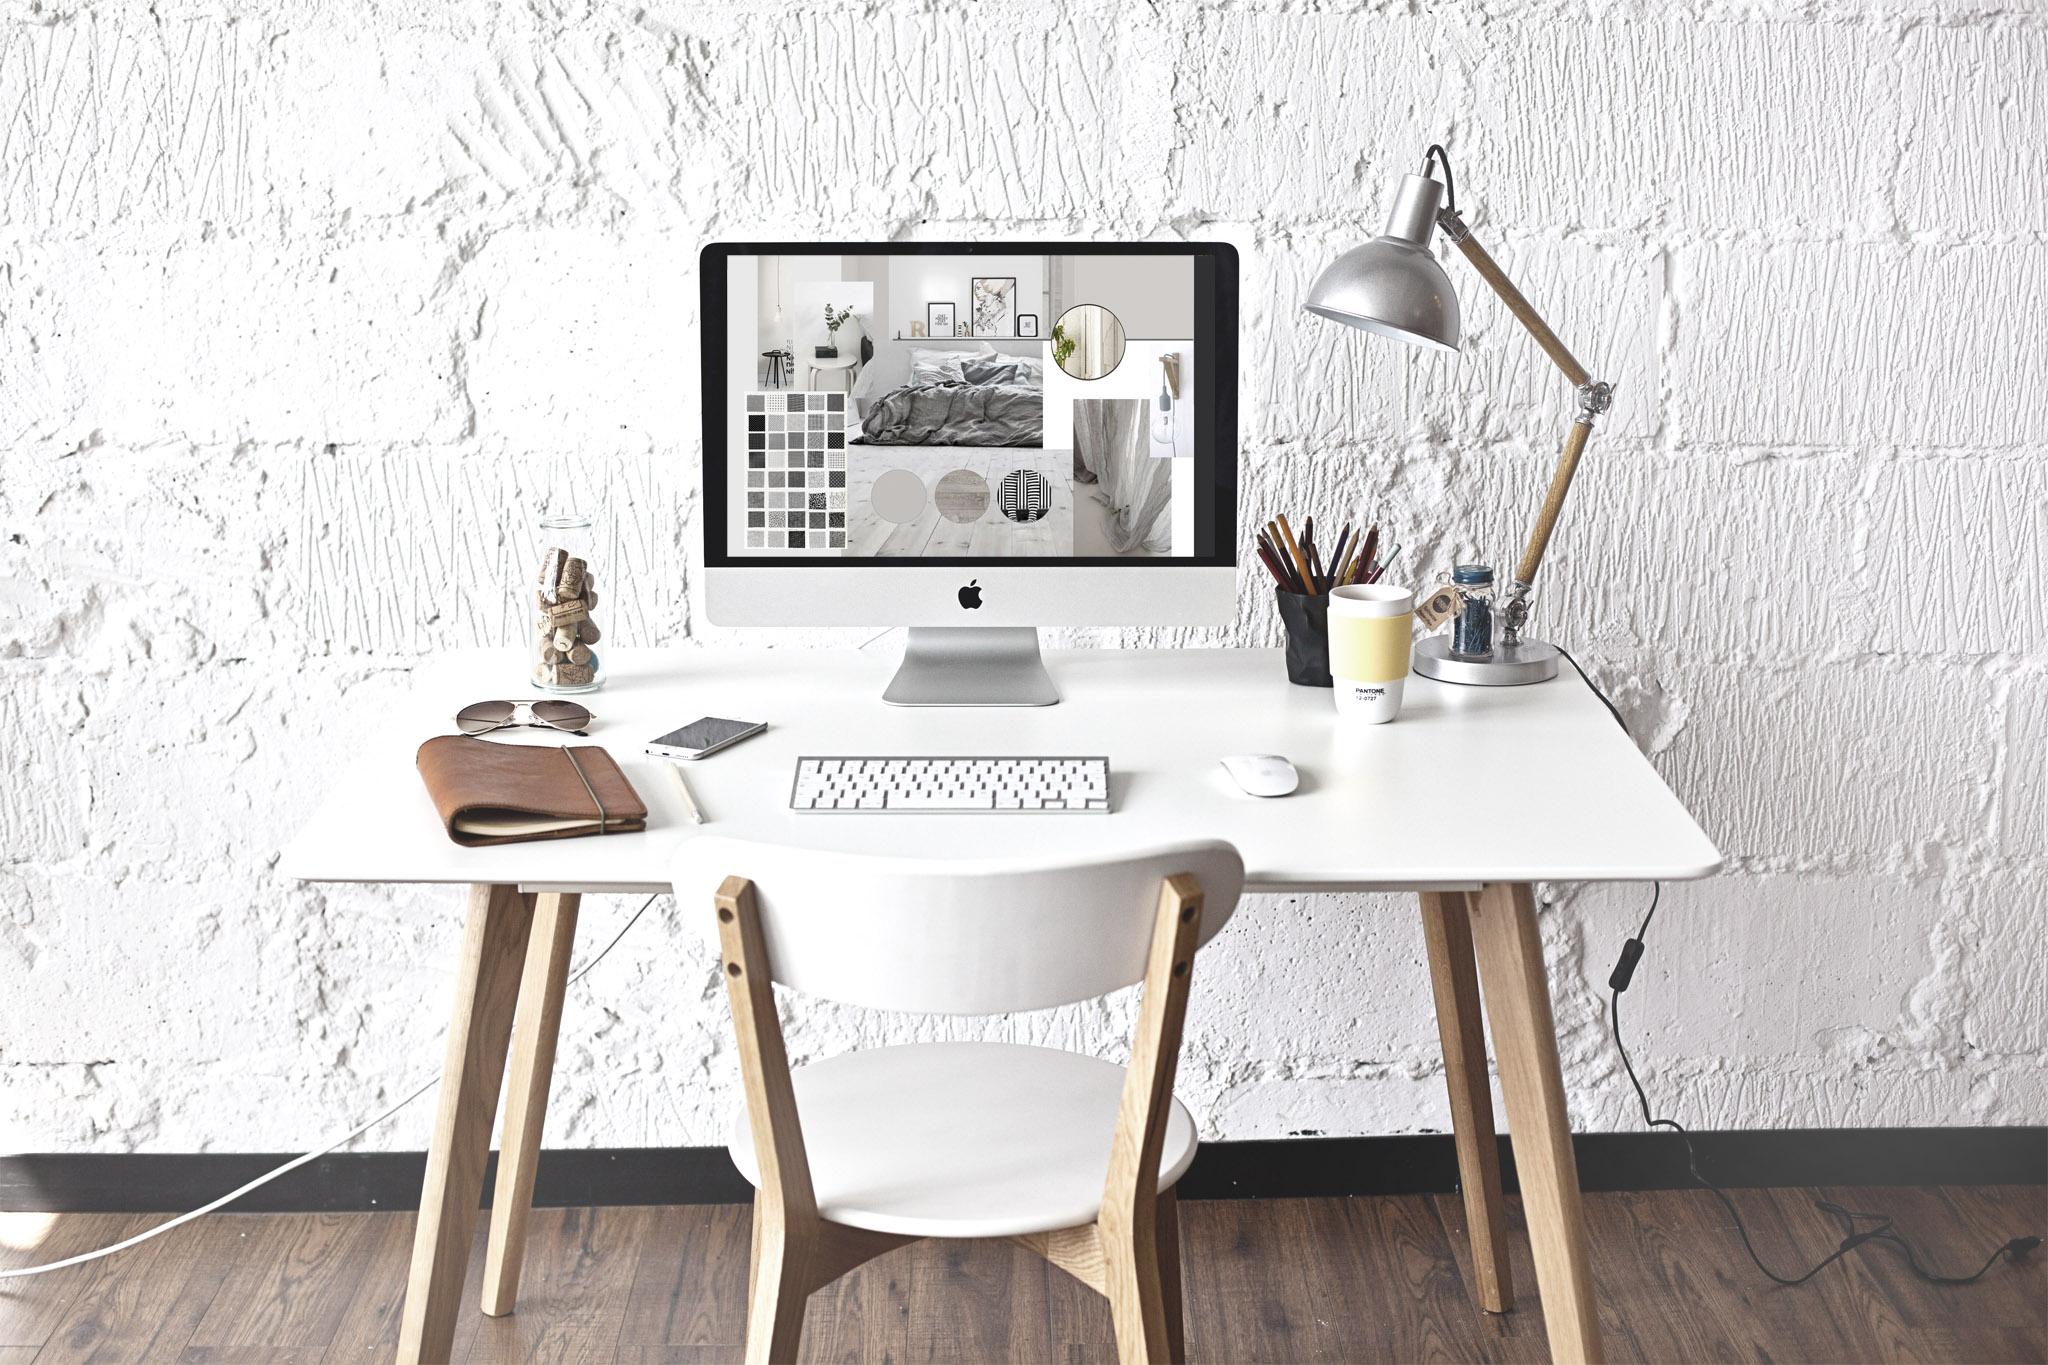 Progettazione Dinterni On Line : Er interior design studio progettazione interni a treviso veneto e